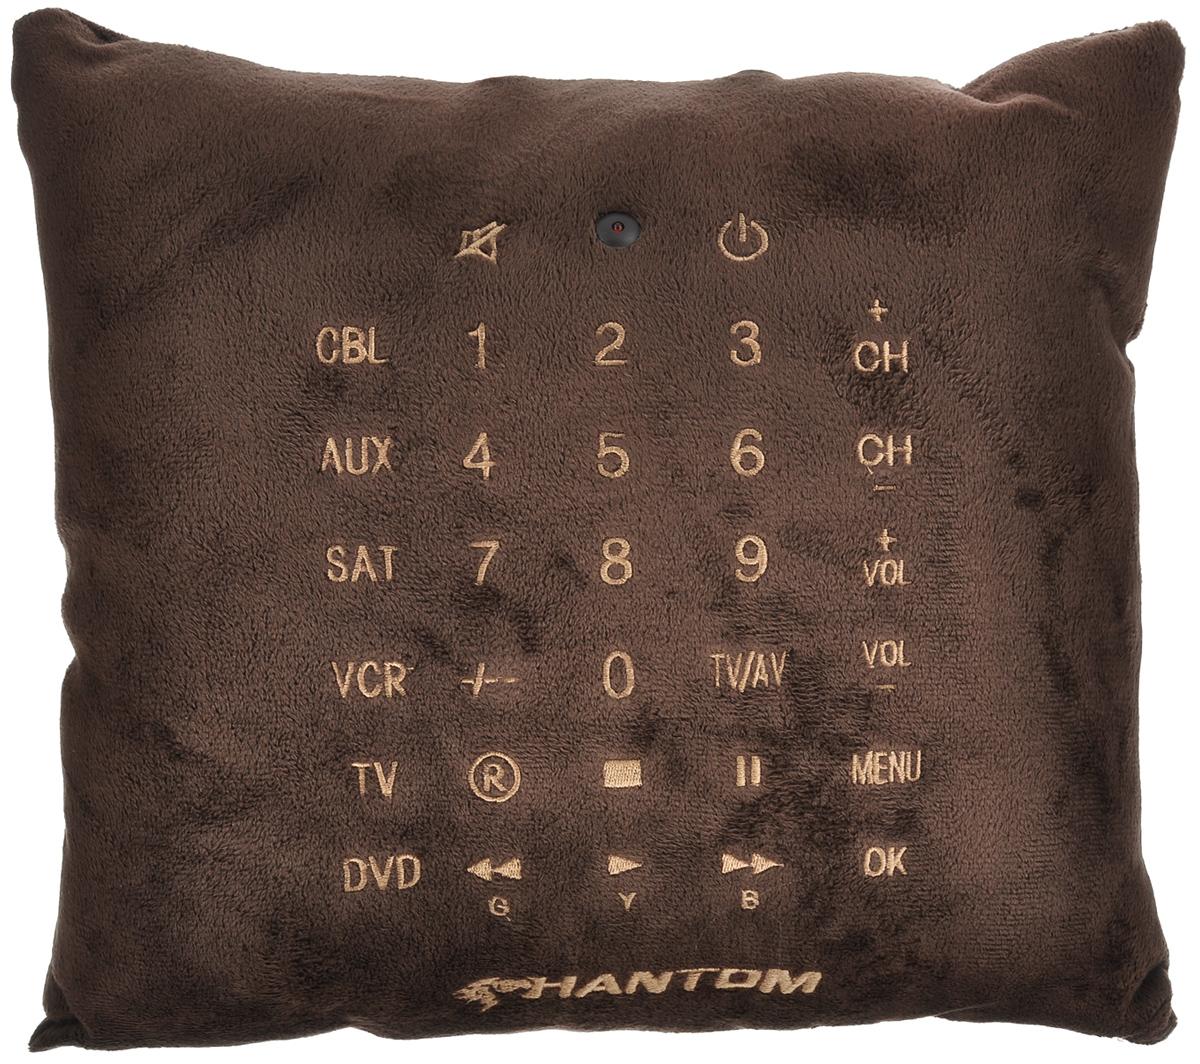 Пульт-подушка Phantom, цвет: коричневый, 33 см х 33 смPH6320_коричневыйПульт-подушка Phantom - это уникальный продукт. С первого взгляда это обычная подушка, но, присмотревшись, можно увидеть на ней различные кнопки, как у пульта. Пульт-подушка поддерживает более 500 различных моделей телевизоров, плееров, тюнеров, домашних кинотеатров и музыкальных центров. Возможность управления 6 устройствами одновременно. Отличный оригинальный подарок для друзей и близких. Работает от 2 батареек типа ААА.